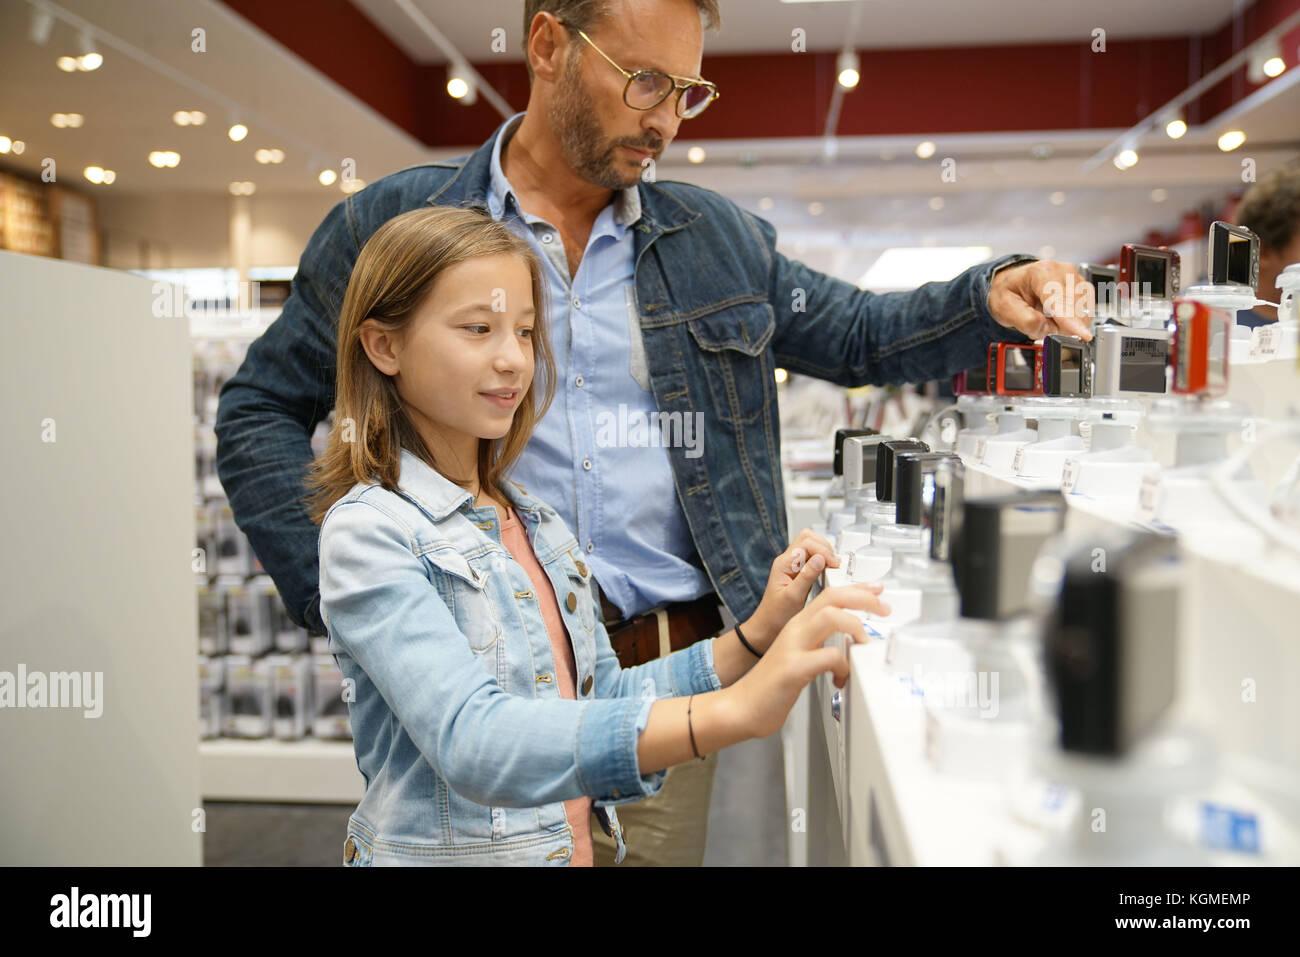 Mann mit Kind auf der Suche nach kompakten Kameras in Multimedia store Stockbild